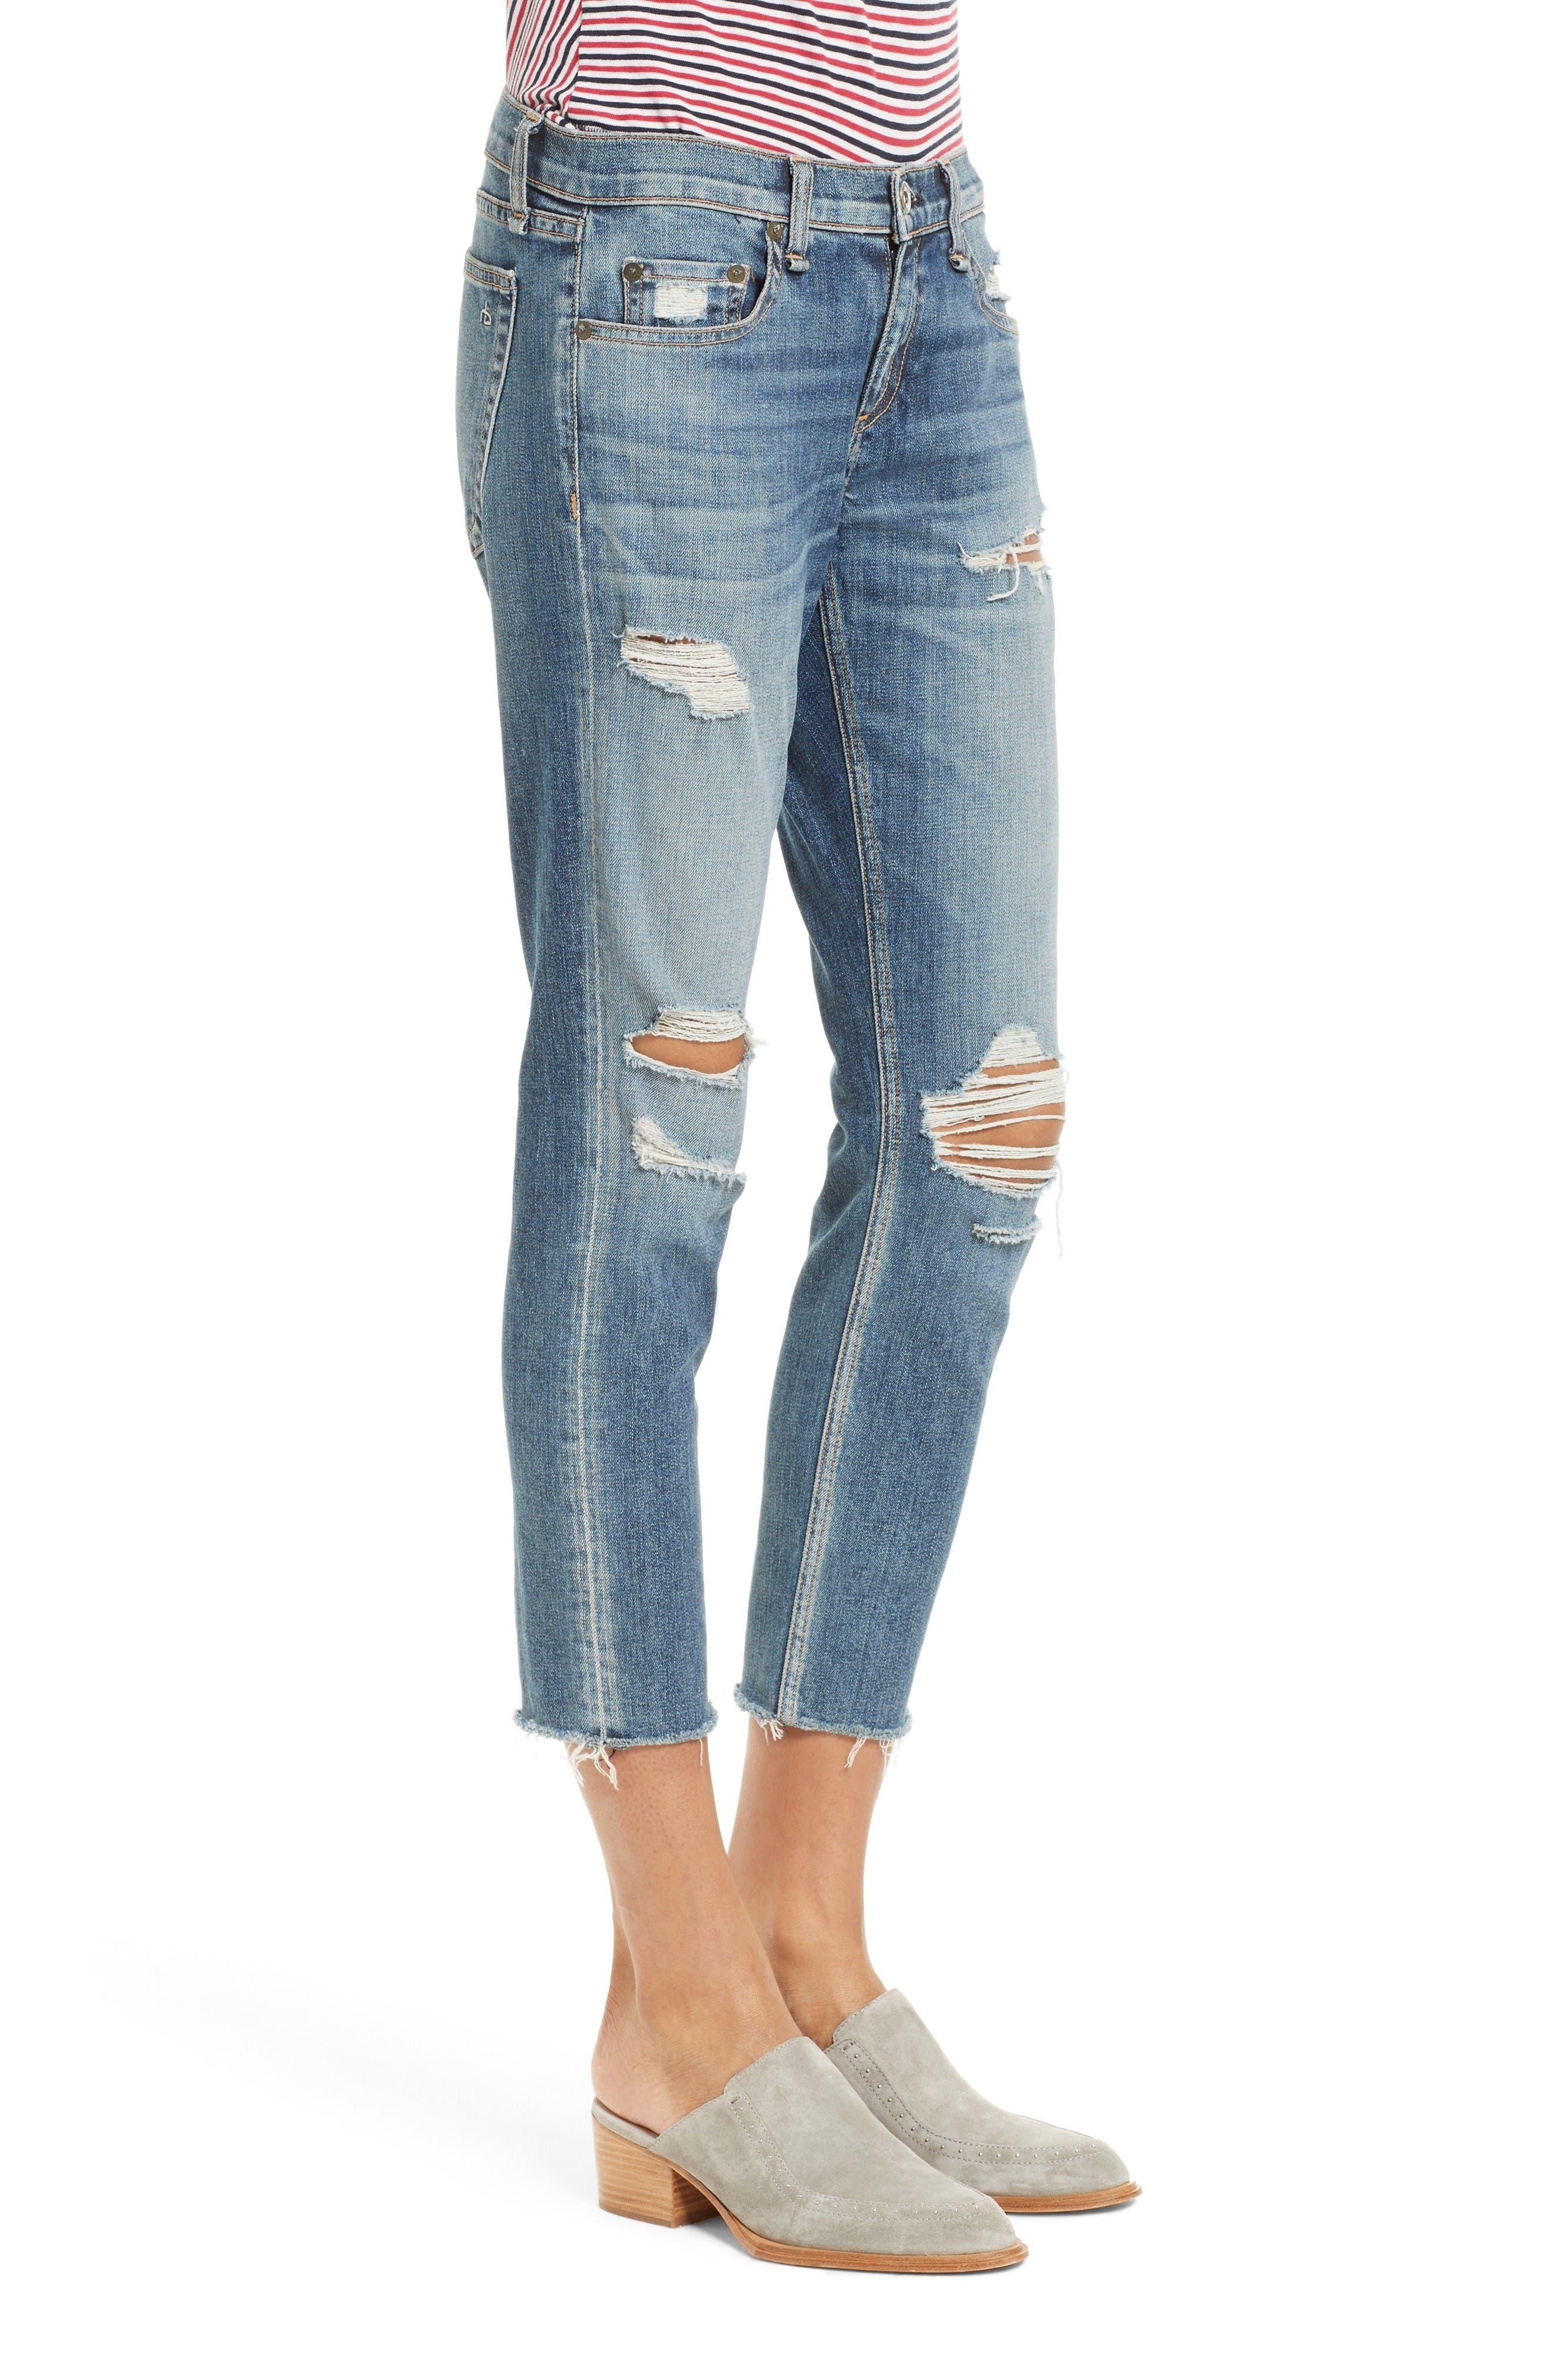 Alternate Image 3  - rag & bone/JEAN The Dre Capri Slim Boyfriend Jeans (Delamo)